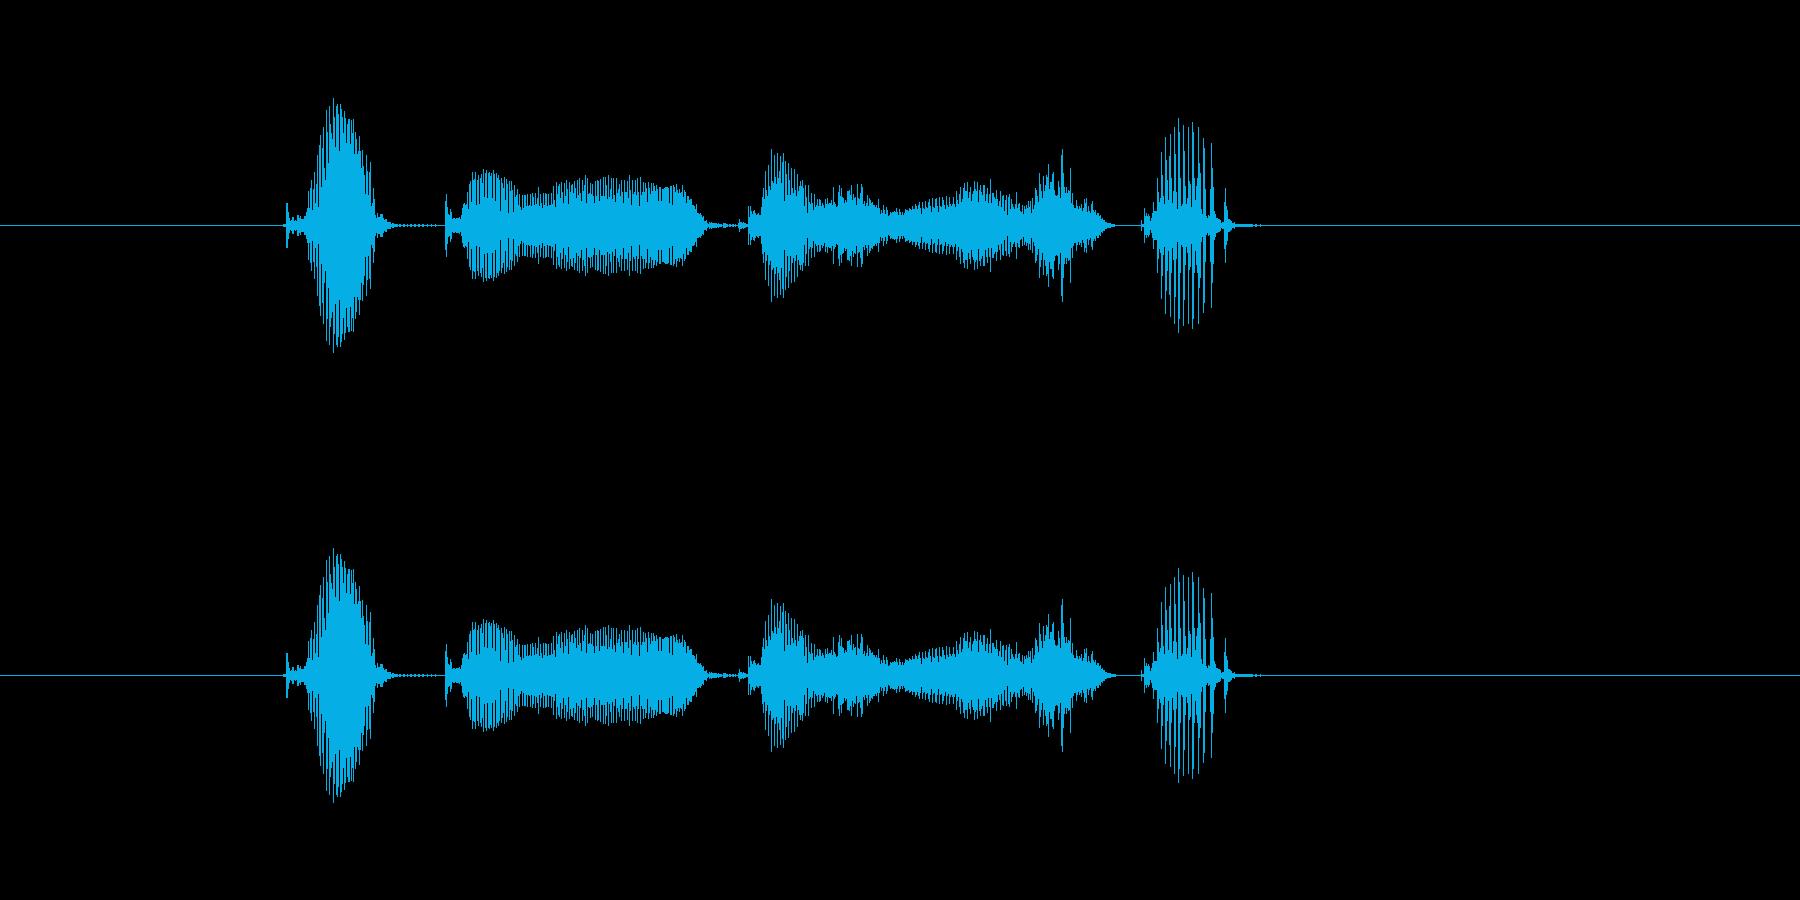 【システム】確認いたしましたの再生済みの波形